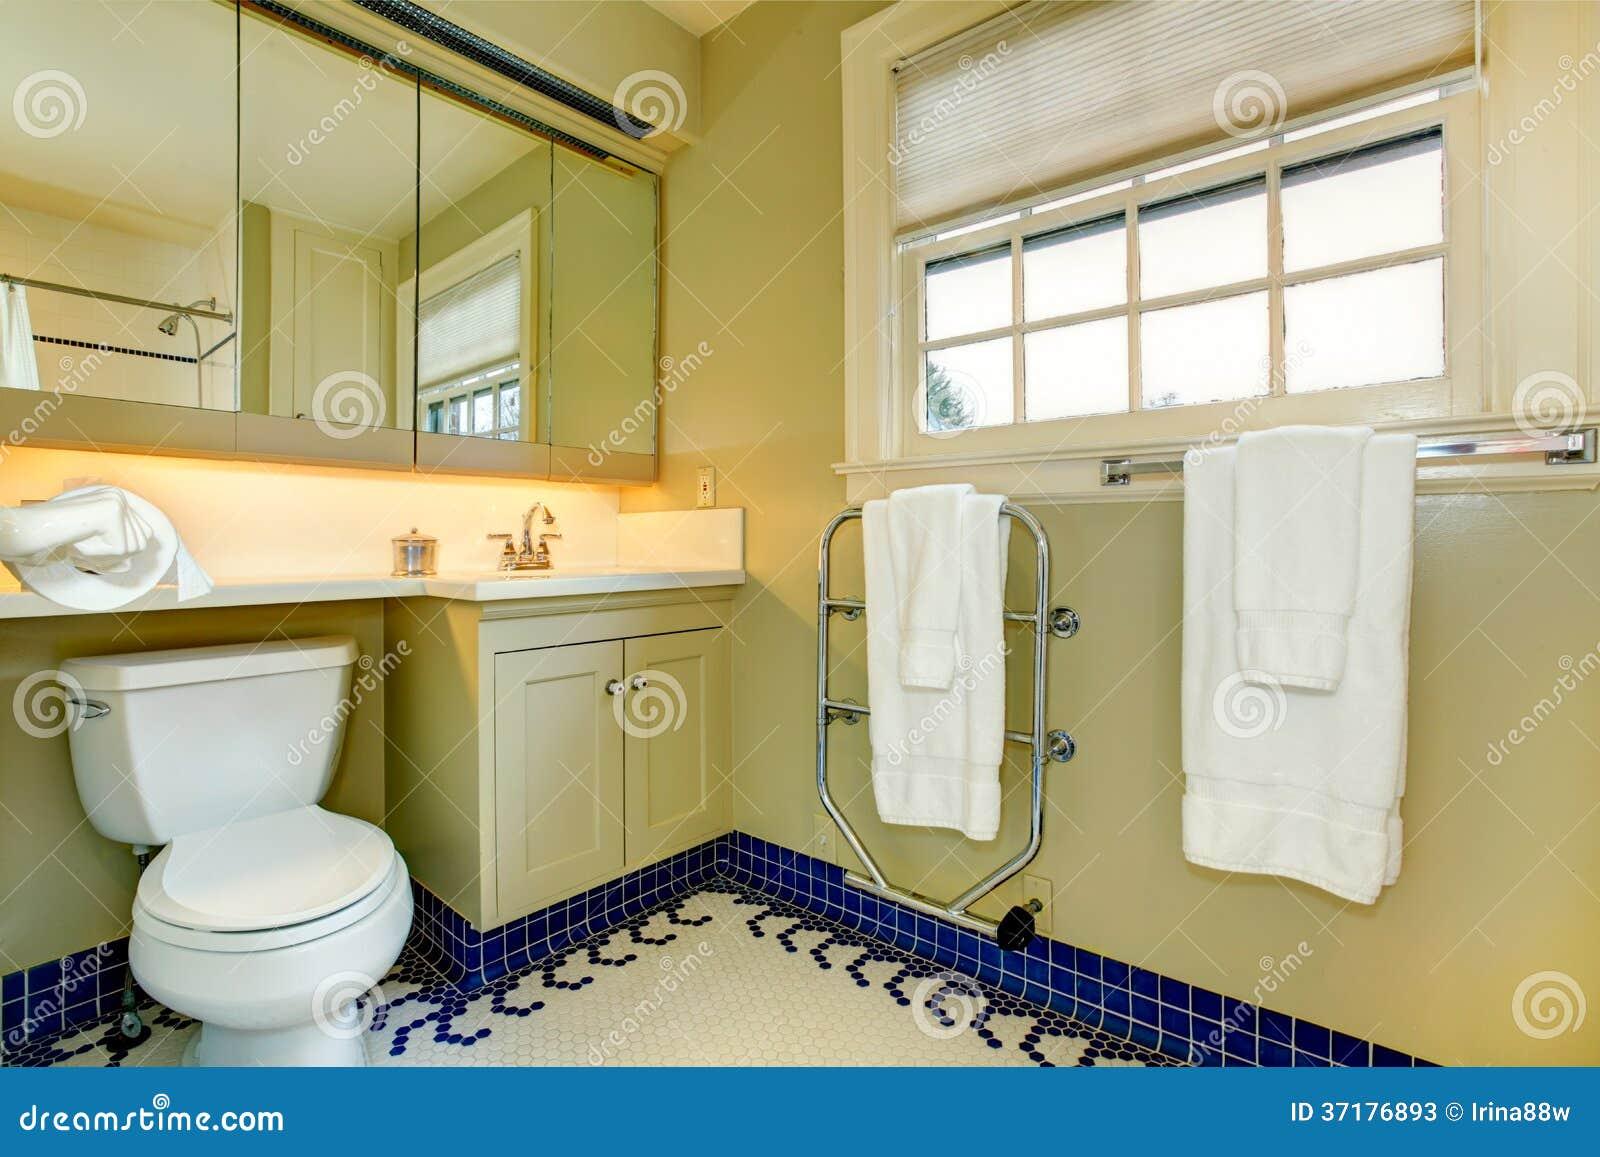 Banheiro Amarelo Brilhante Com O Assoalho De Telha Azul Fotos de Stock  #614C0C 1300x957 Banheiro Azul Com Branco